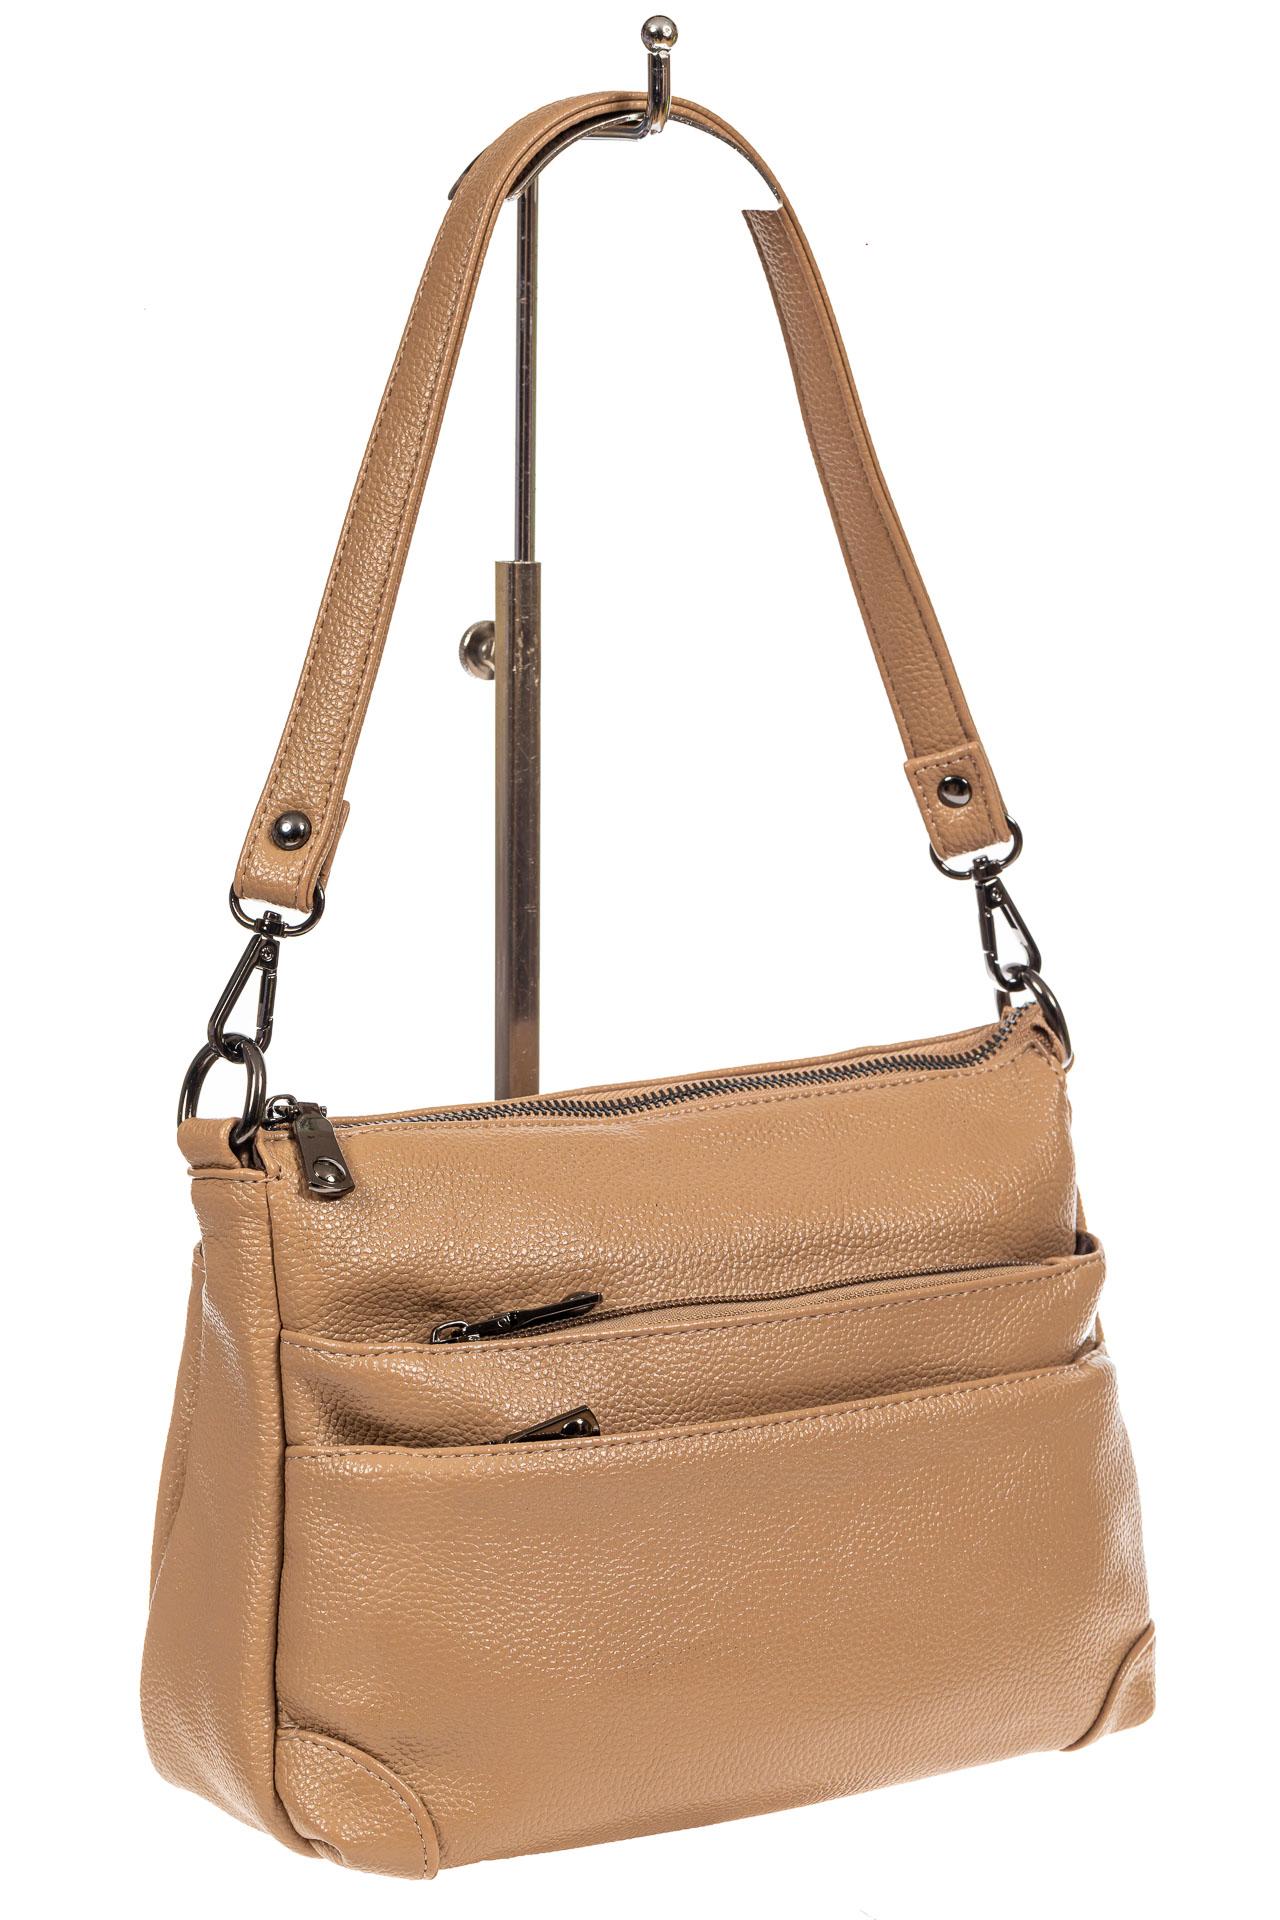 Классическая женская сумка из искусственной кожи, цвет бежевый5169PTS0920/10